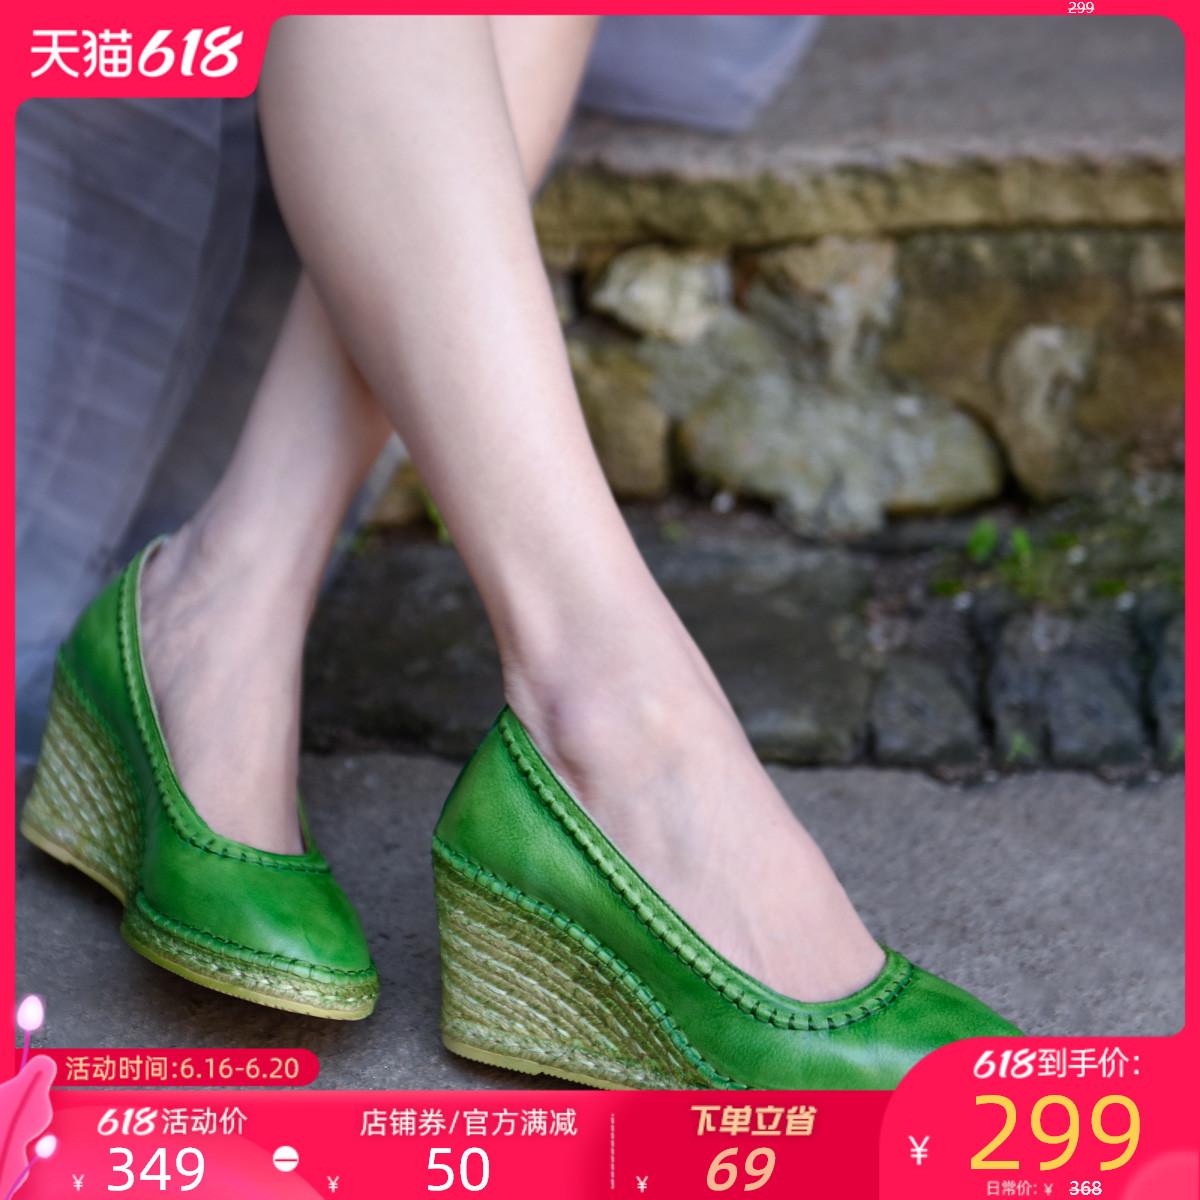 绿色坡跟鞋 Artmu阿木原创复古森女浅口单鞋麻编坡跟女鞋高跟鞋绿色手工鞋_推荐淘宝好看的绿色坡跟鞋